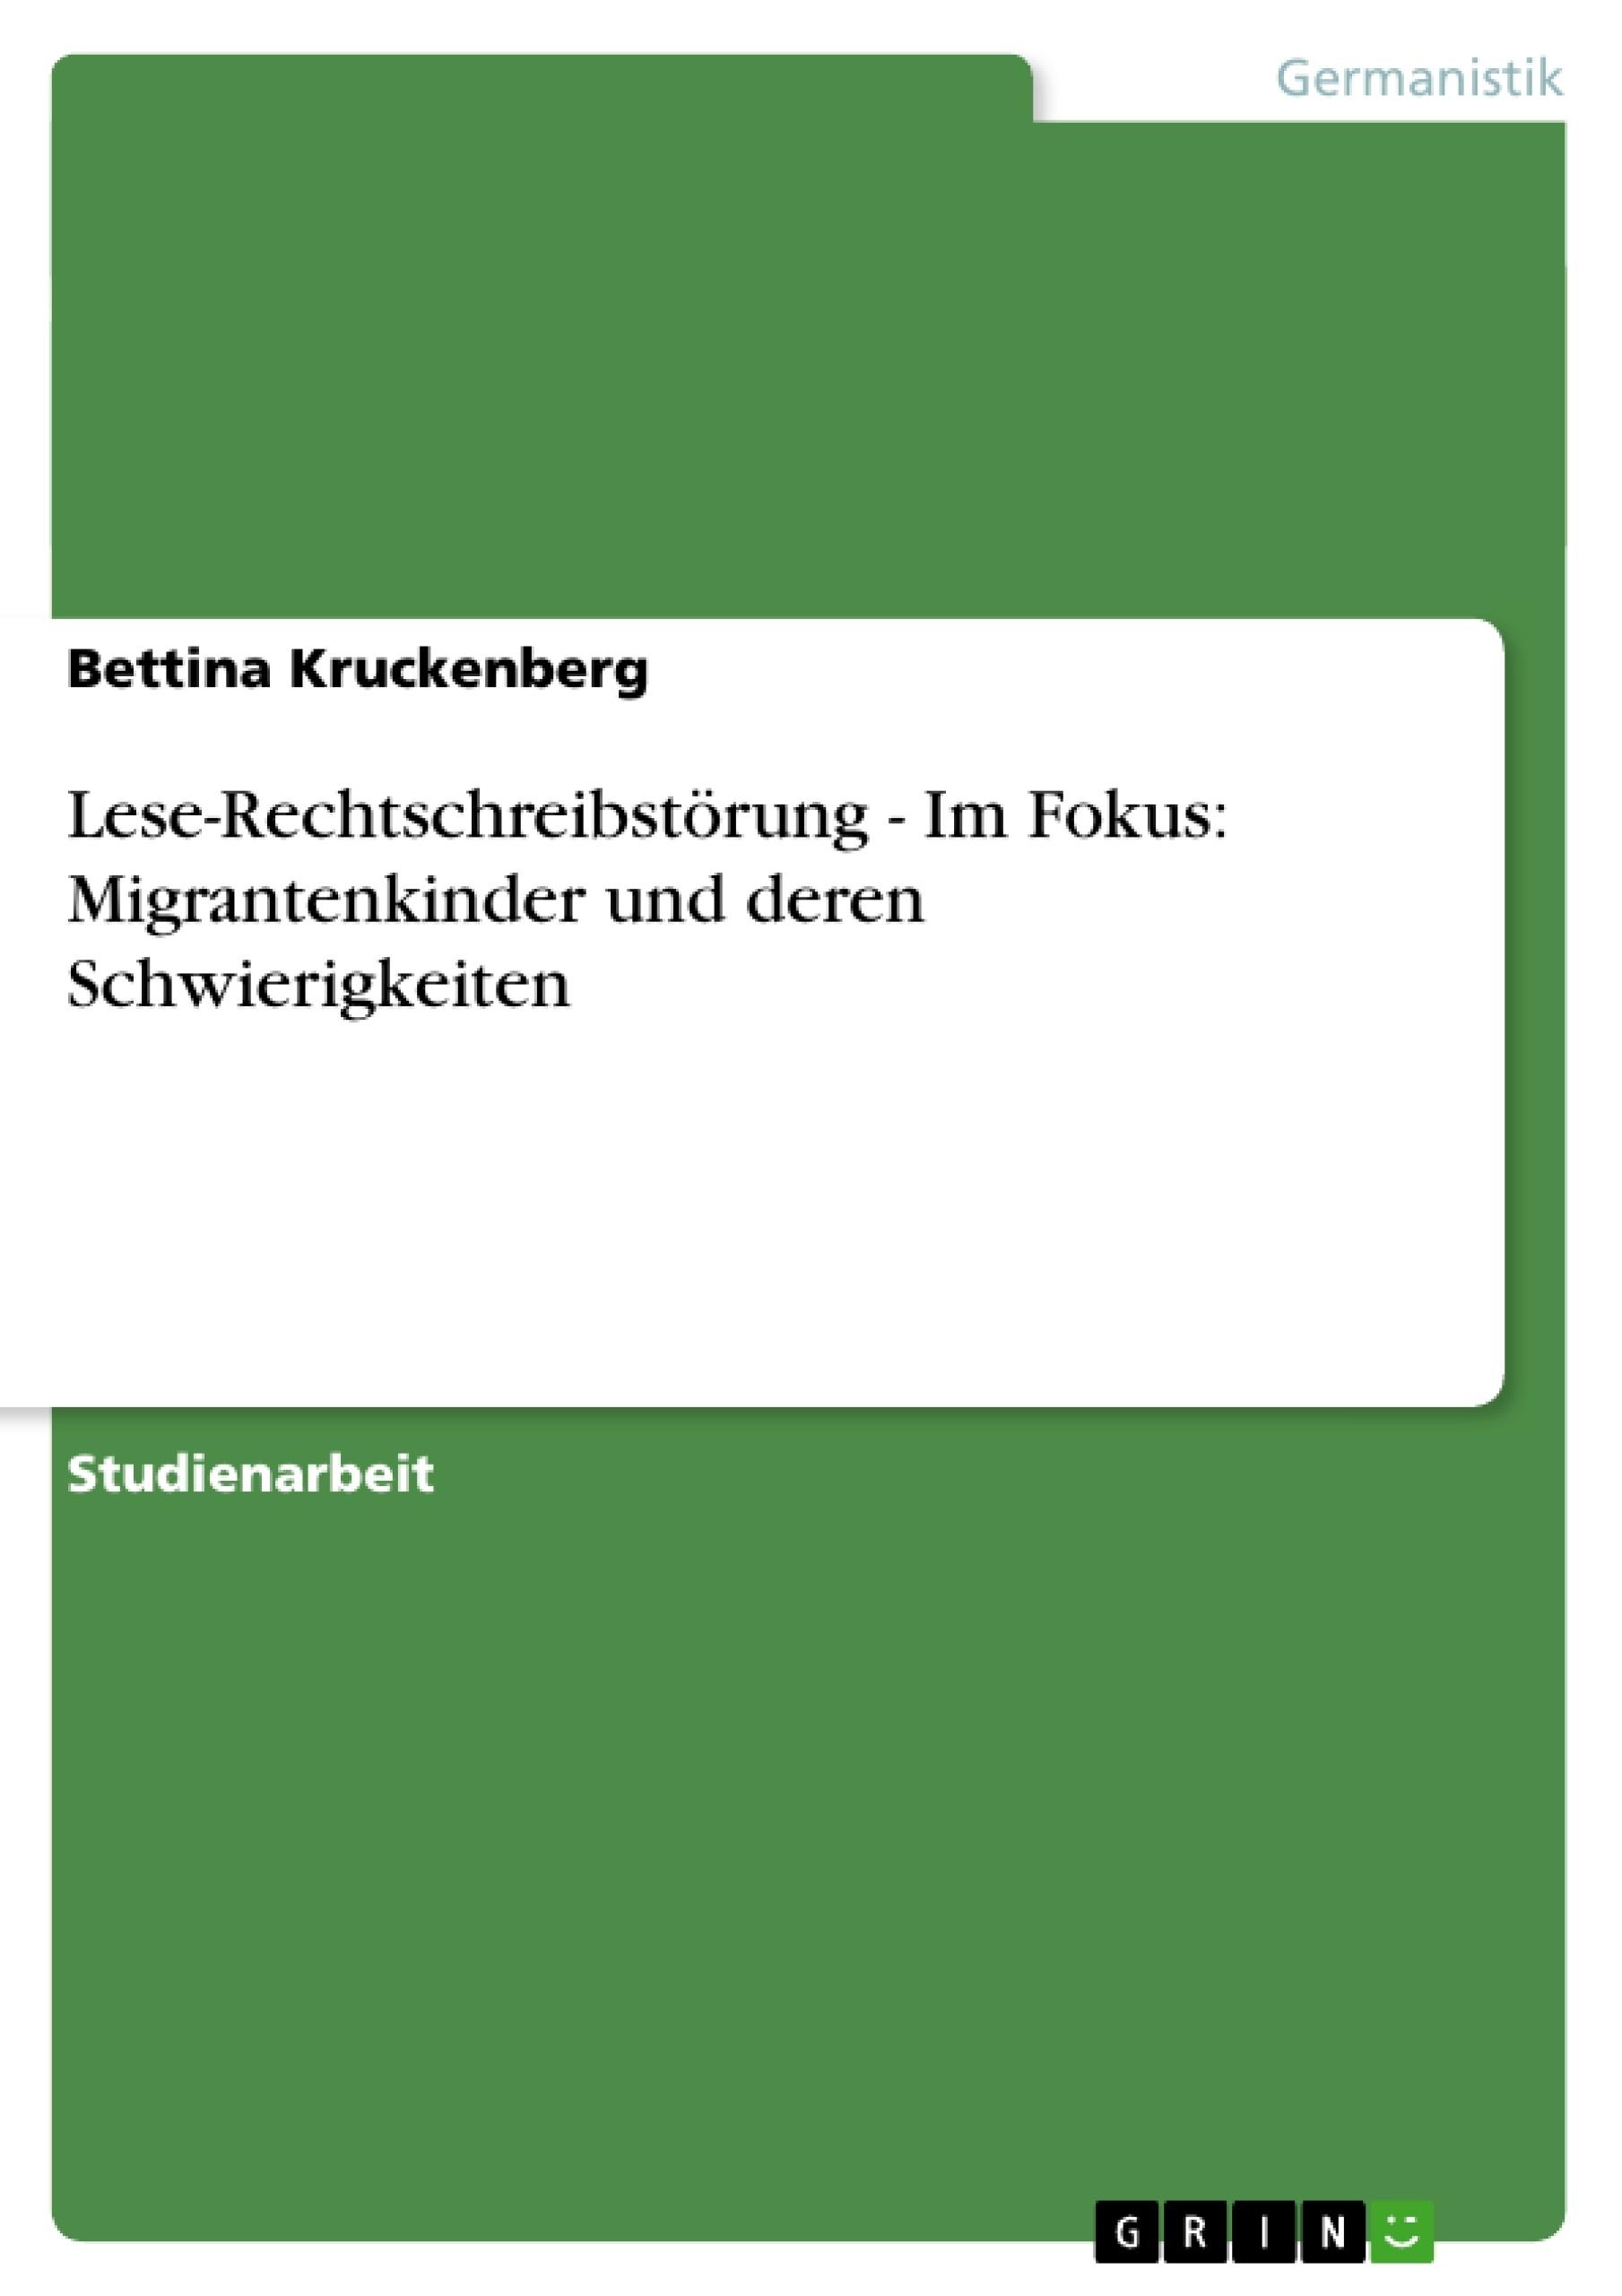 Titel: Lese-Rechtschreibstörung - Im Fokus: Migrantenkinder und deren Schwierigkeiten